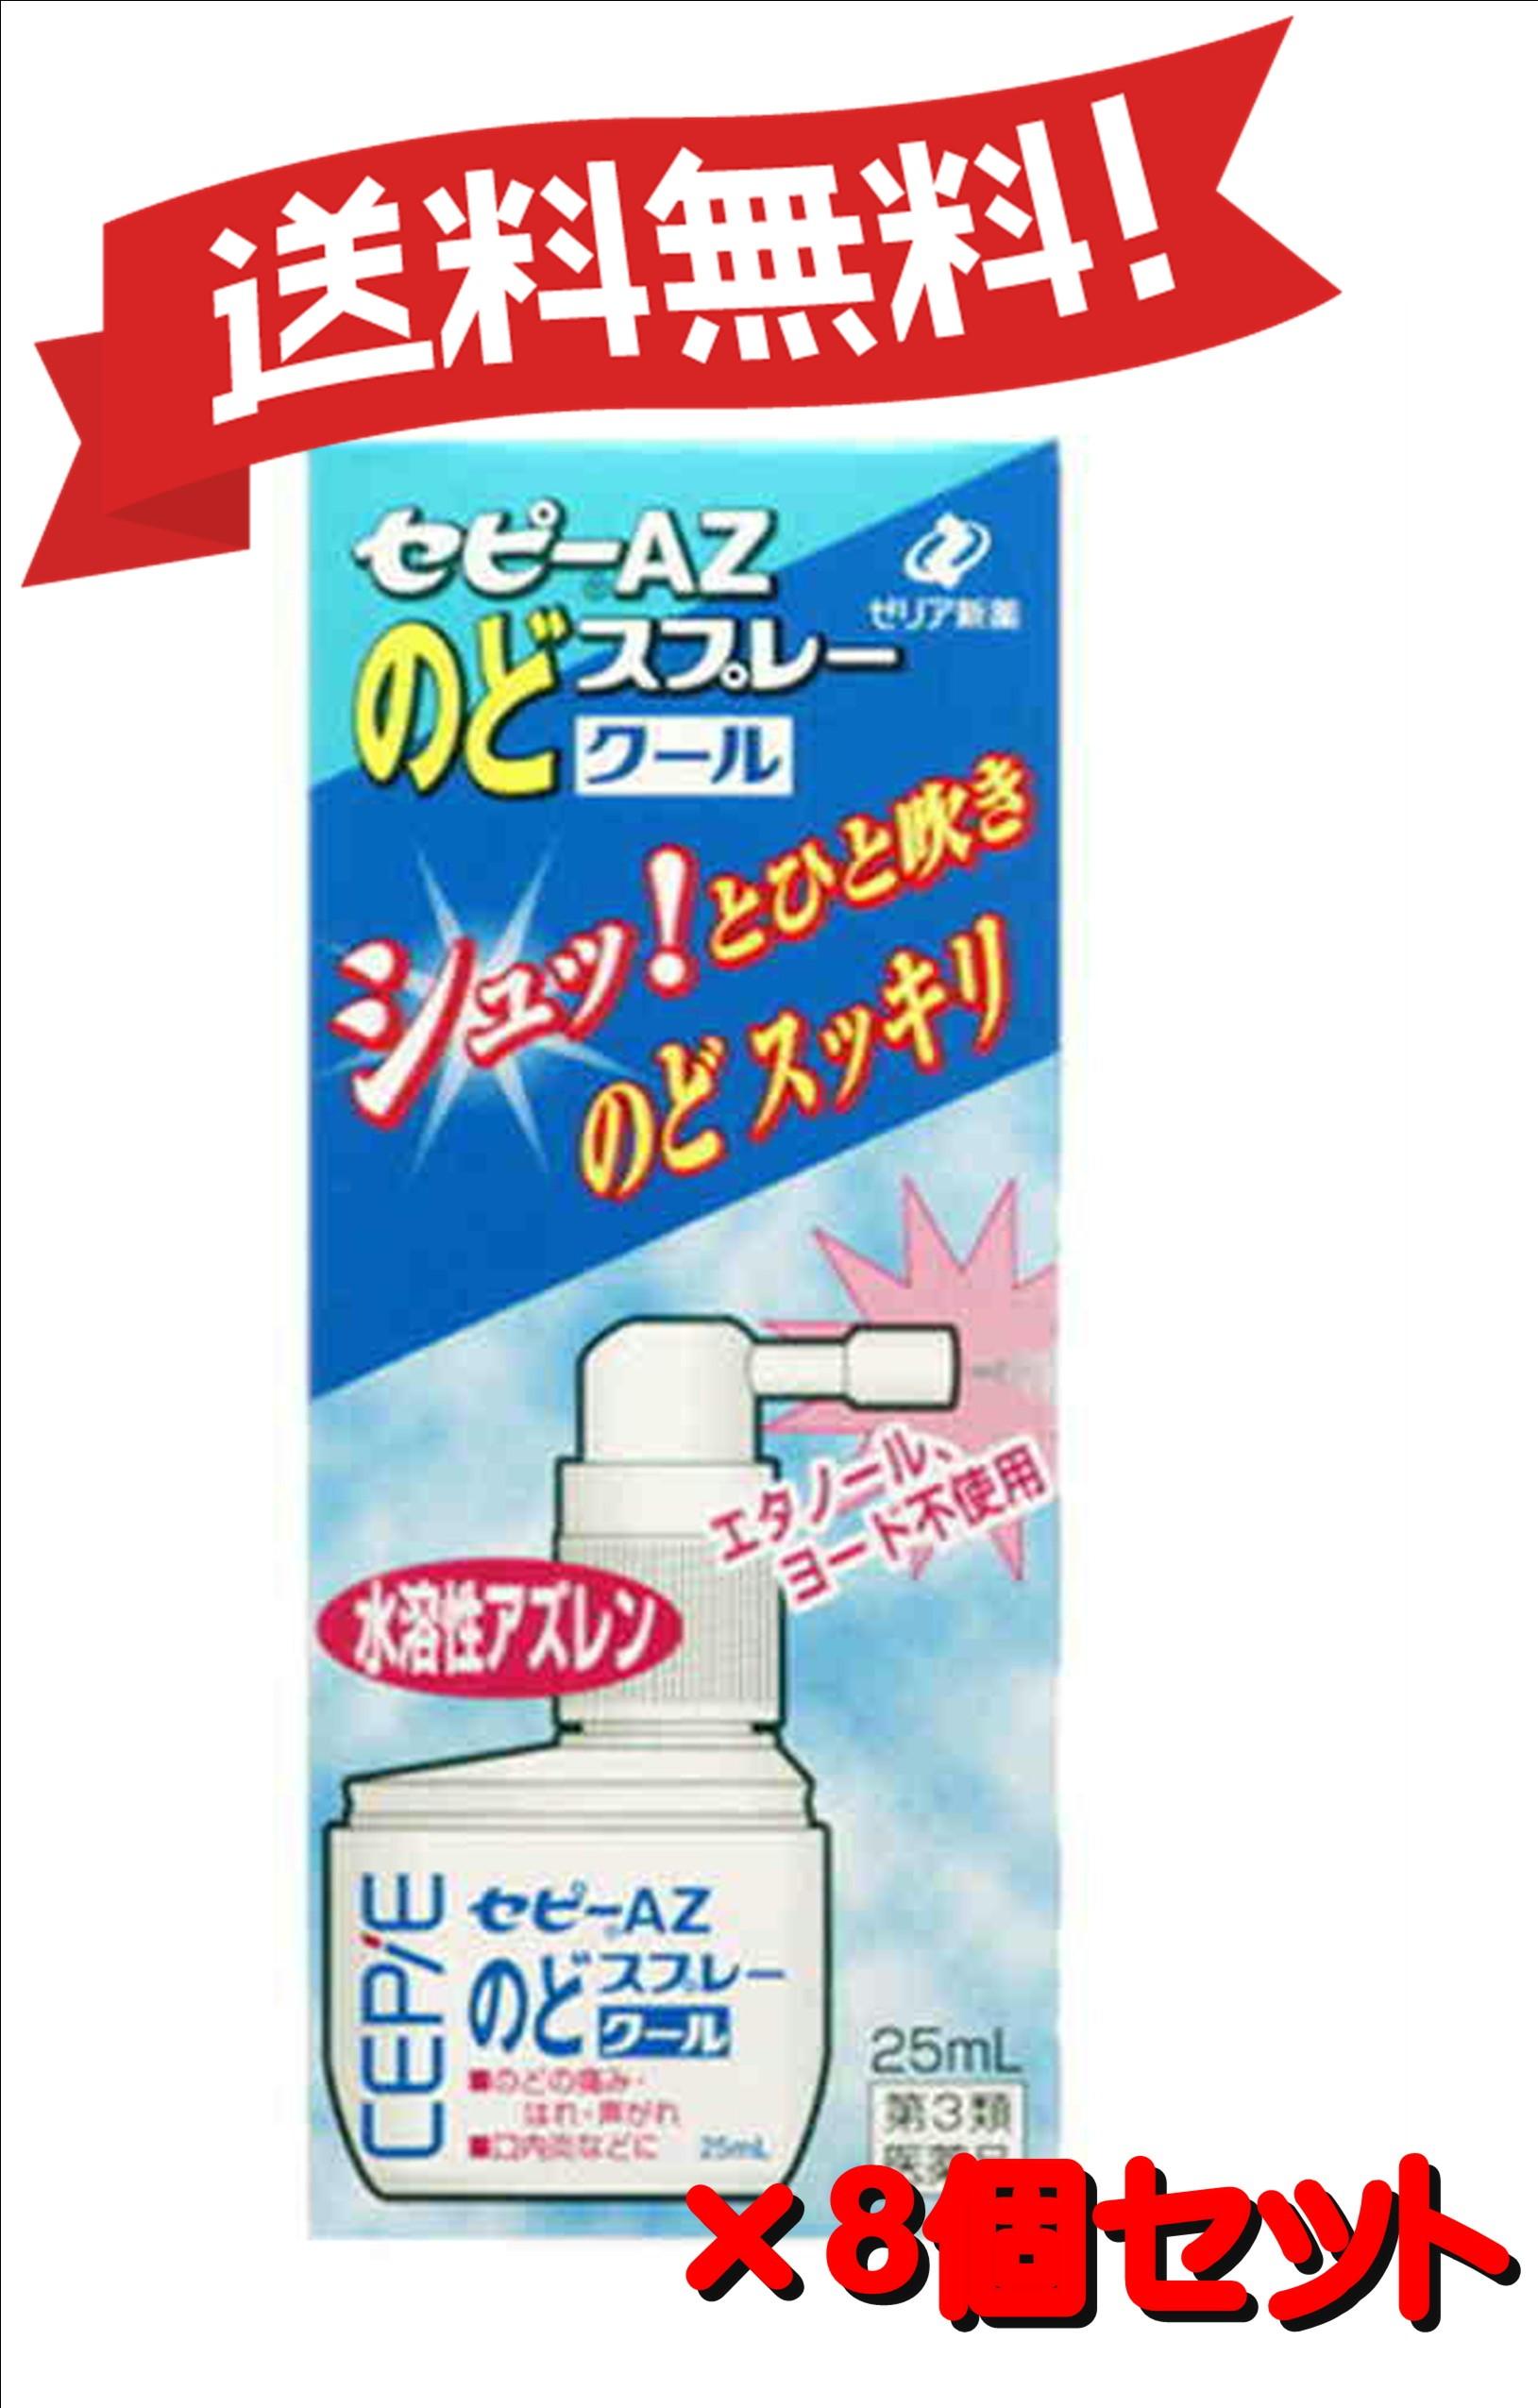 シュッとひと吹き 喉スッキリ 無料サンプルOK 送料無料 8個セット 販売 第3類医薬品 25mL 4987103042990-8 セピーAZのどスプレークール